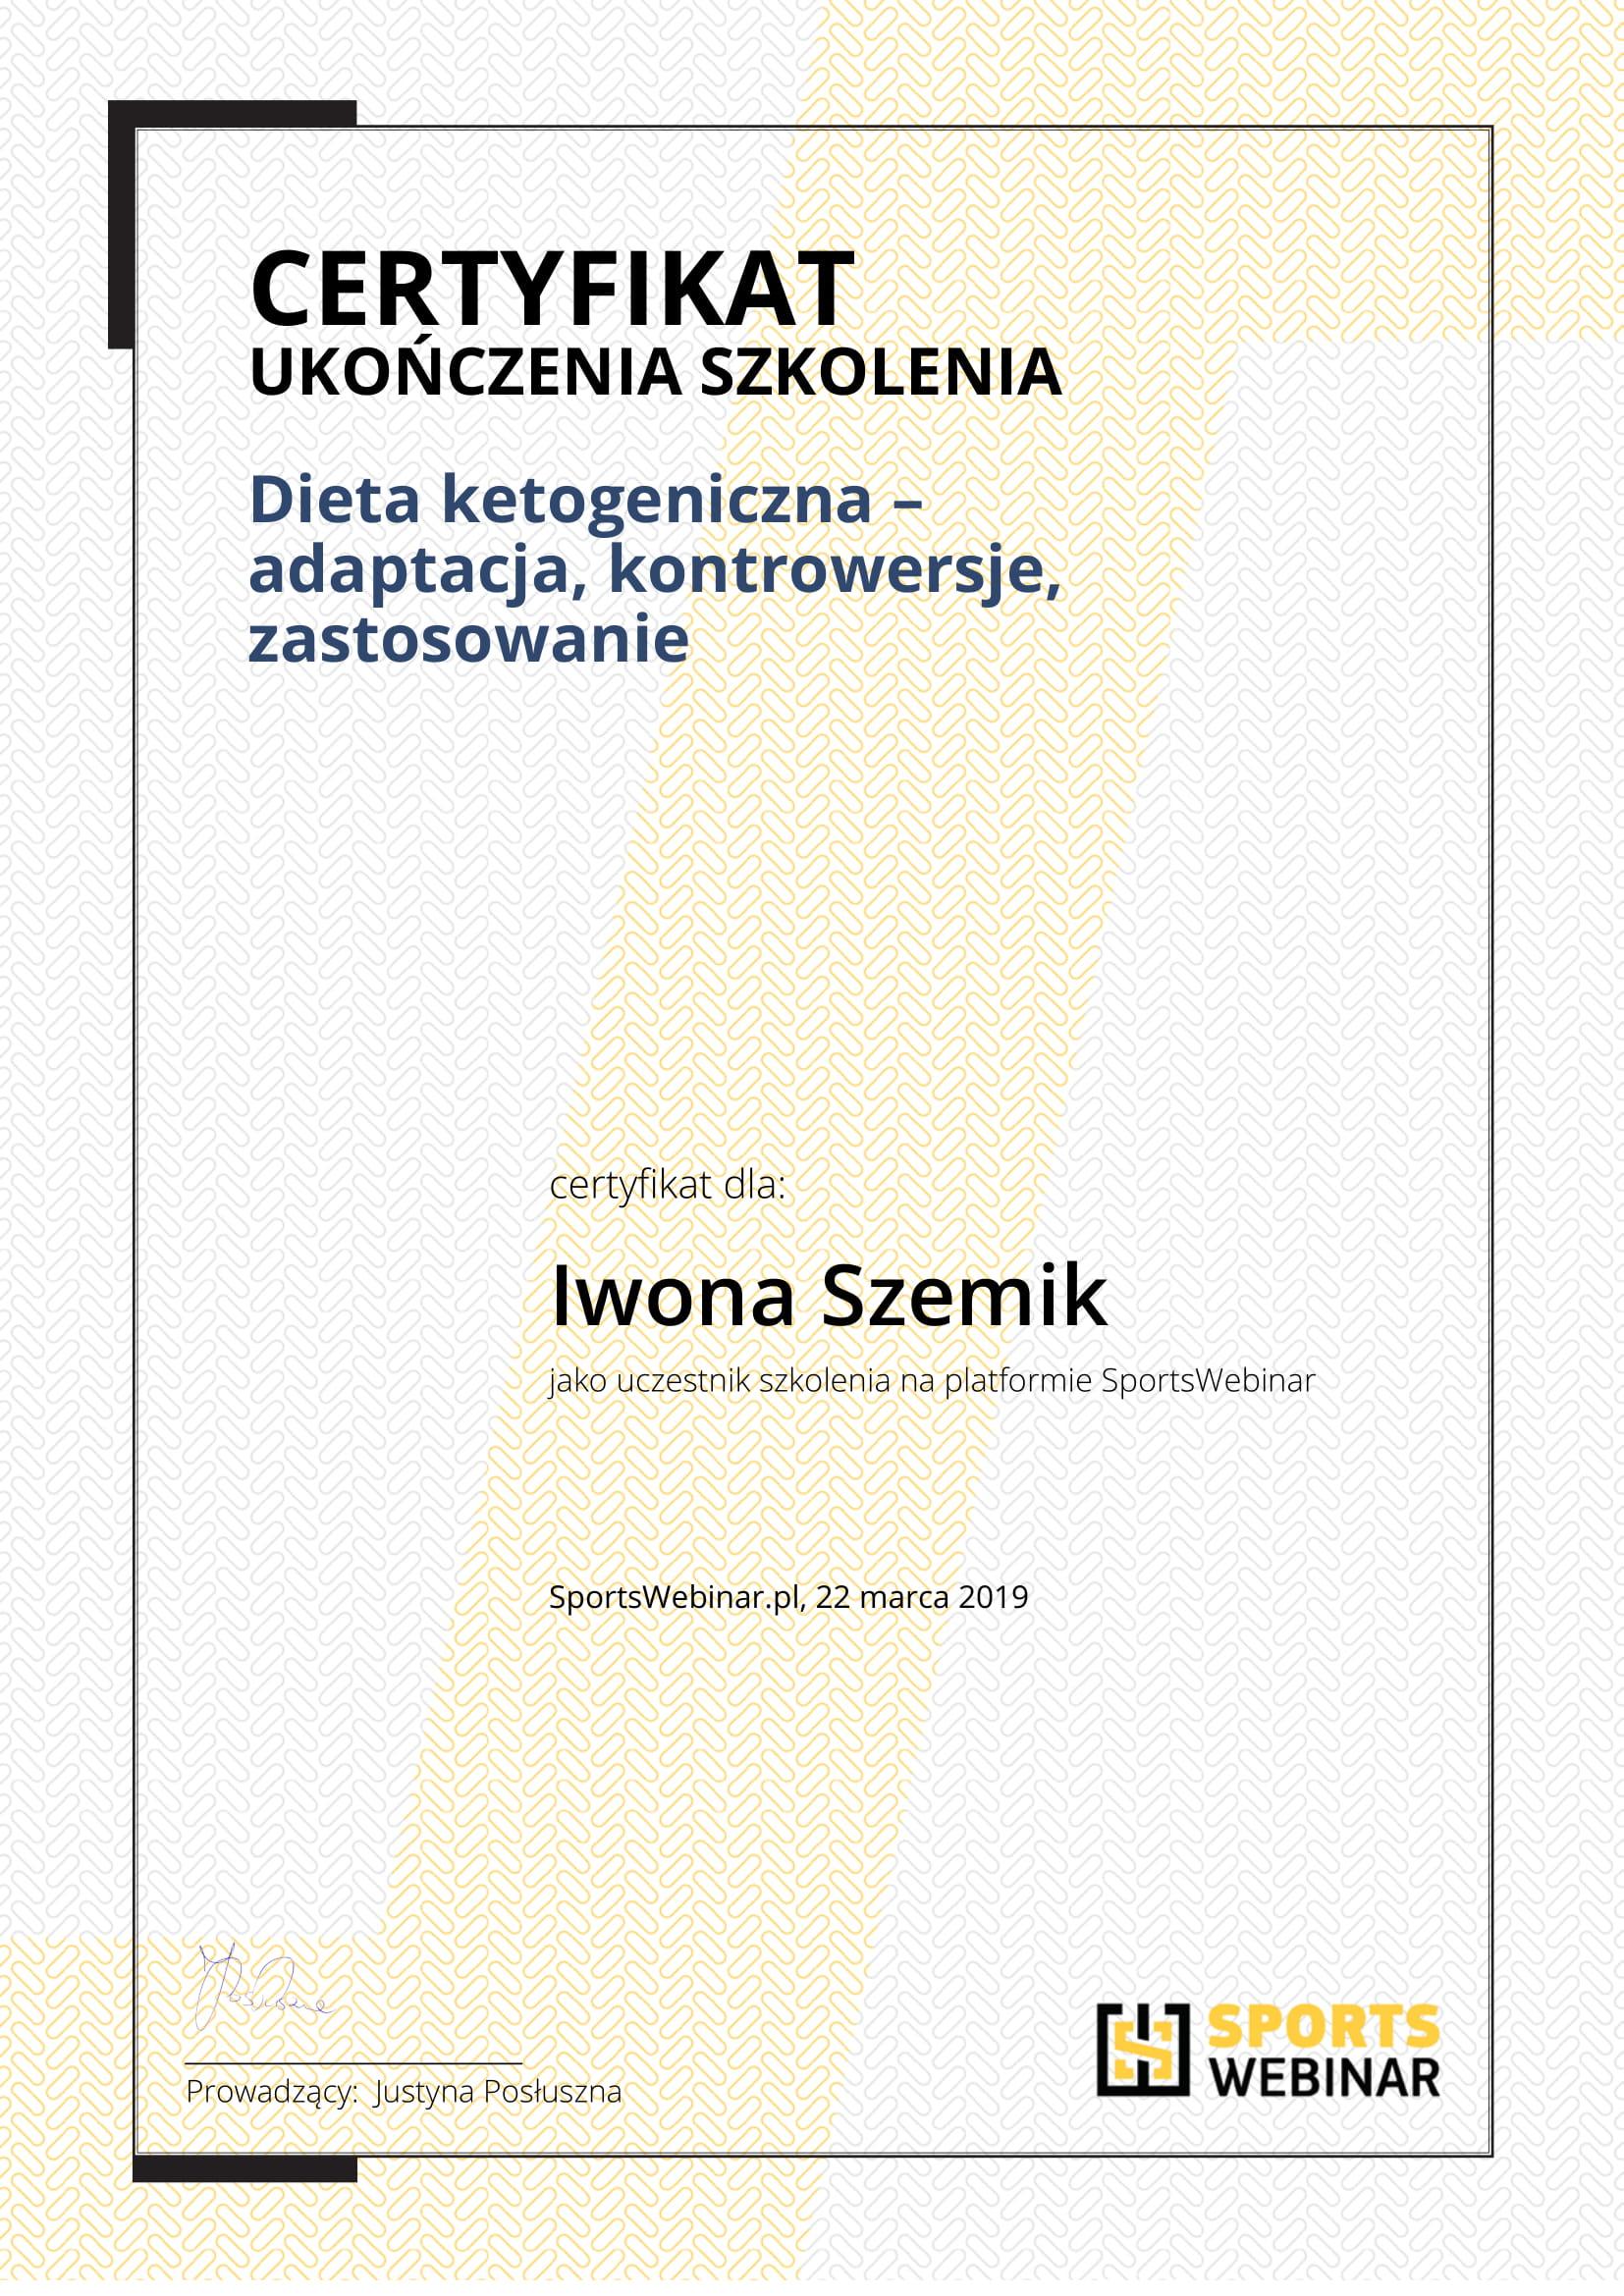 certyfikat-szkolenie-dieta-ketogeniczna-iwona-szemik